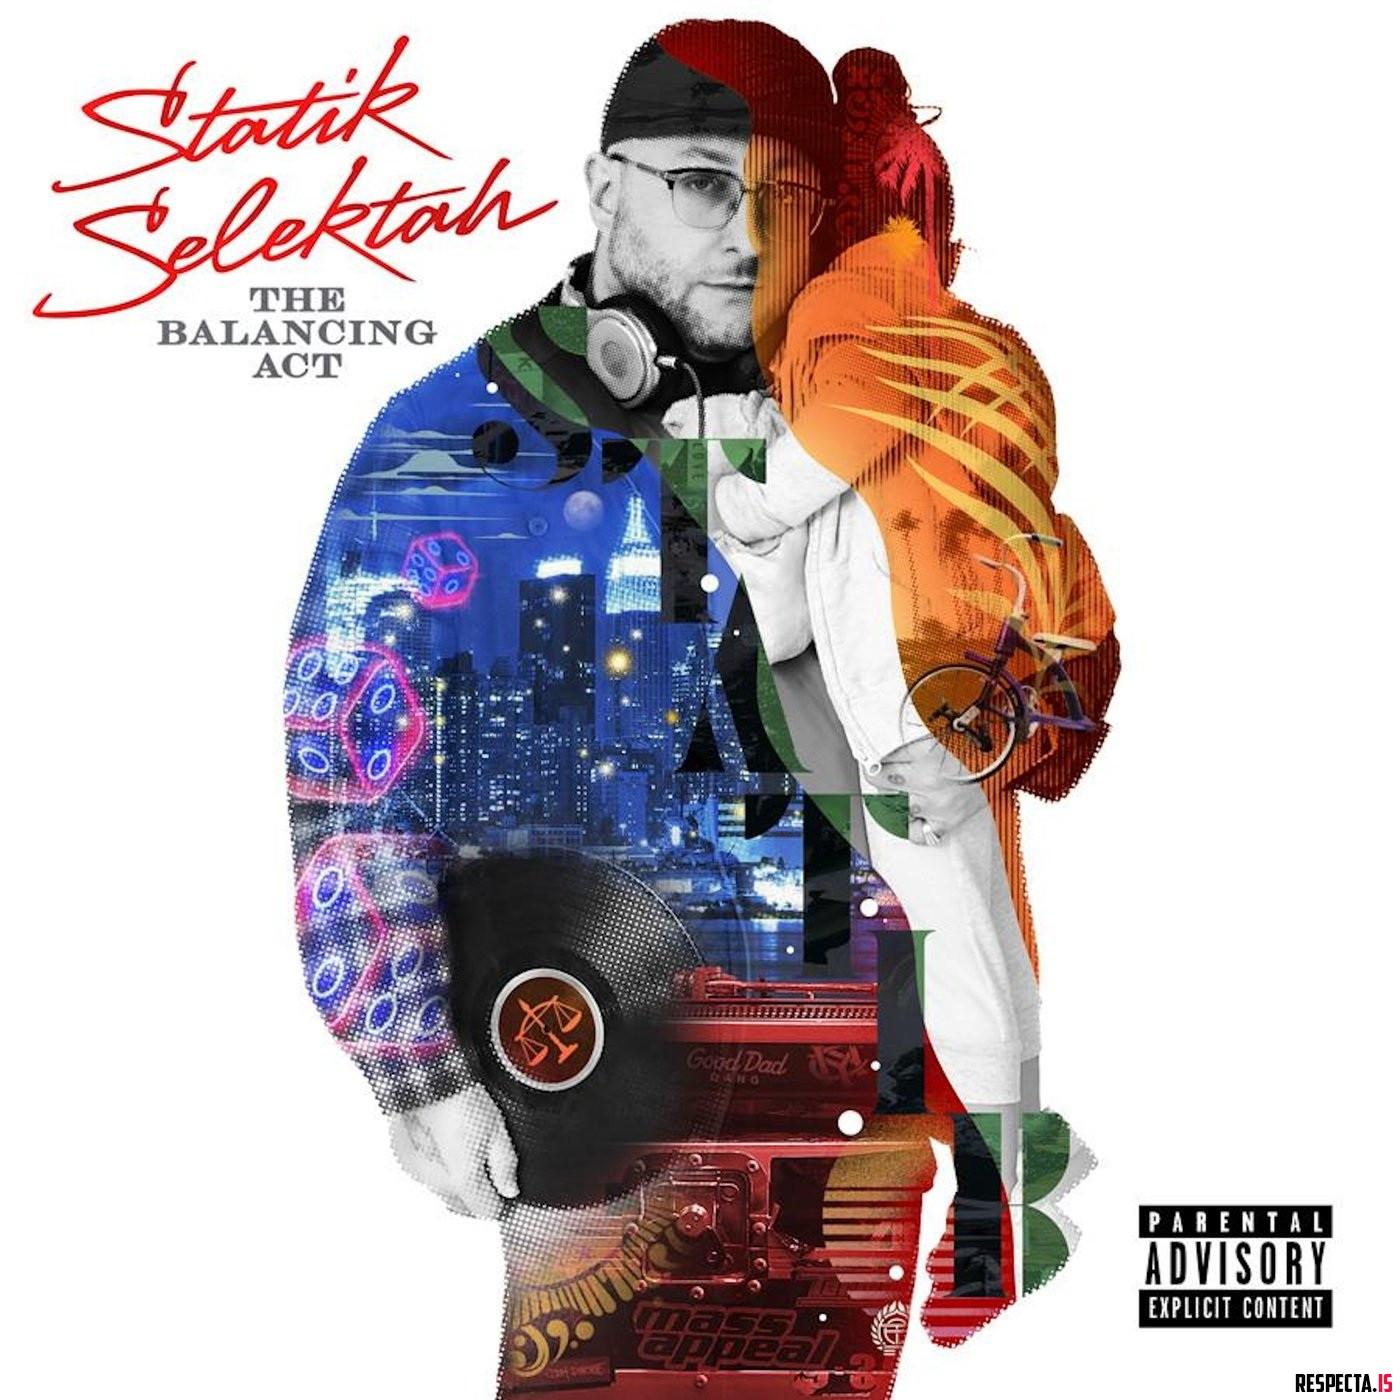 凄腕プロデューサーStatik Selektahが新アルバム「The Balancing Act」をリリース。Nas、ジョーイ・バッドアス、ブラック・ソート、キラー・マイク、ジェイダキスなどが参加